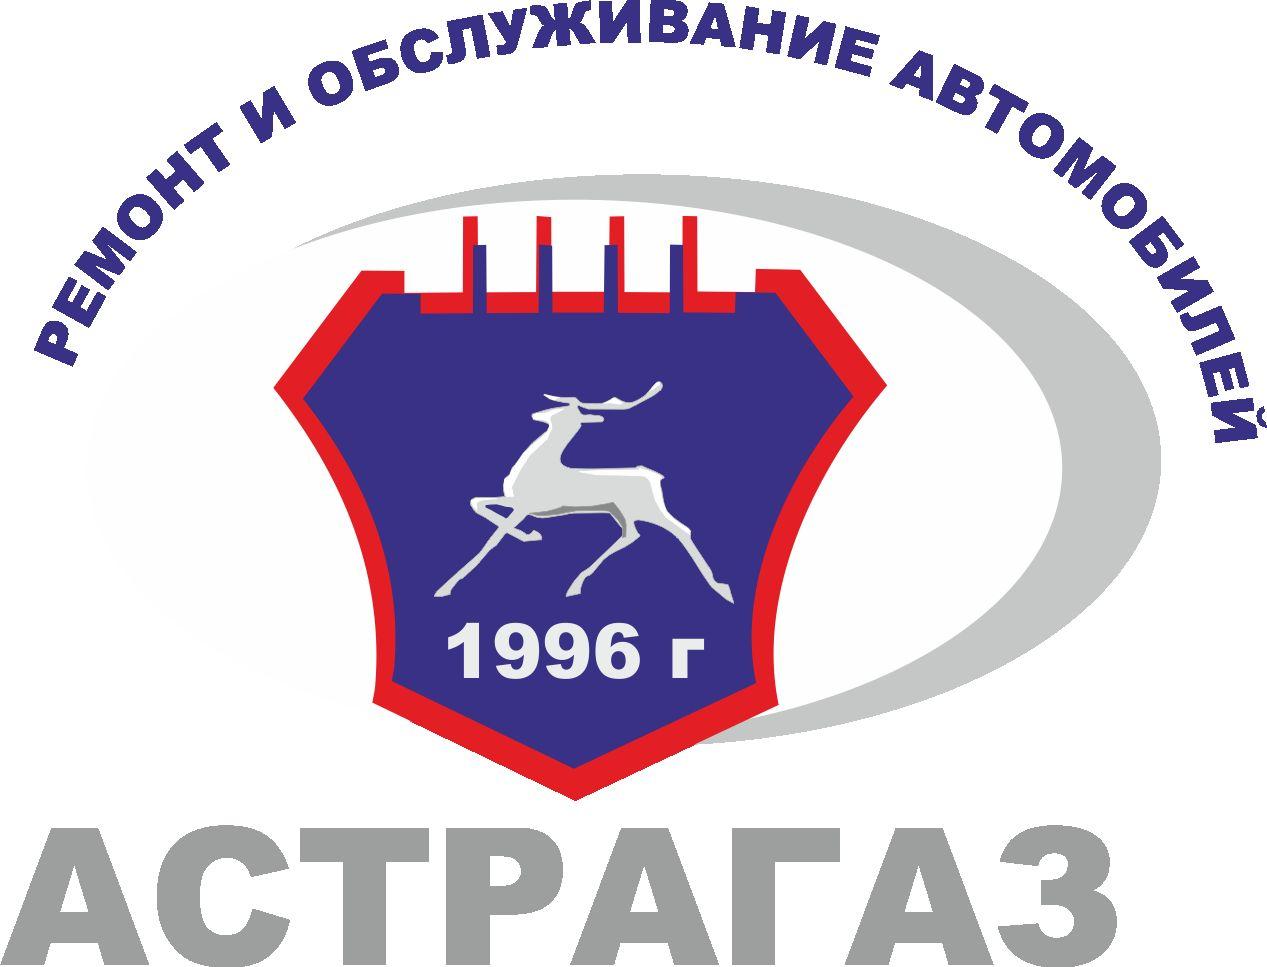 Лого и фирменный стиль для автосервиса - дизайнер Cnjg-100P